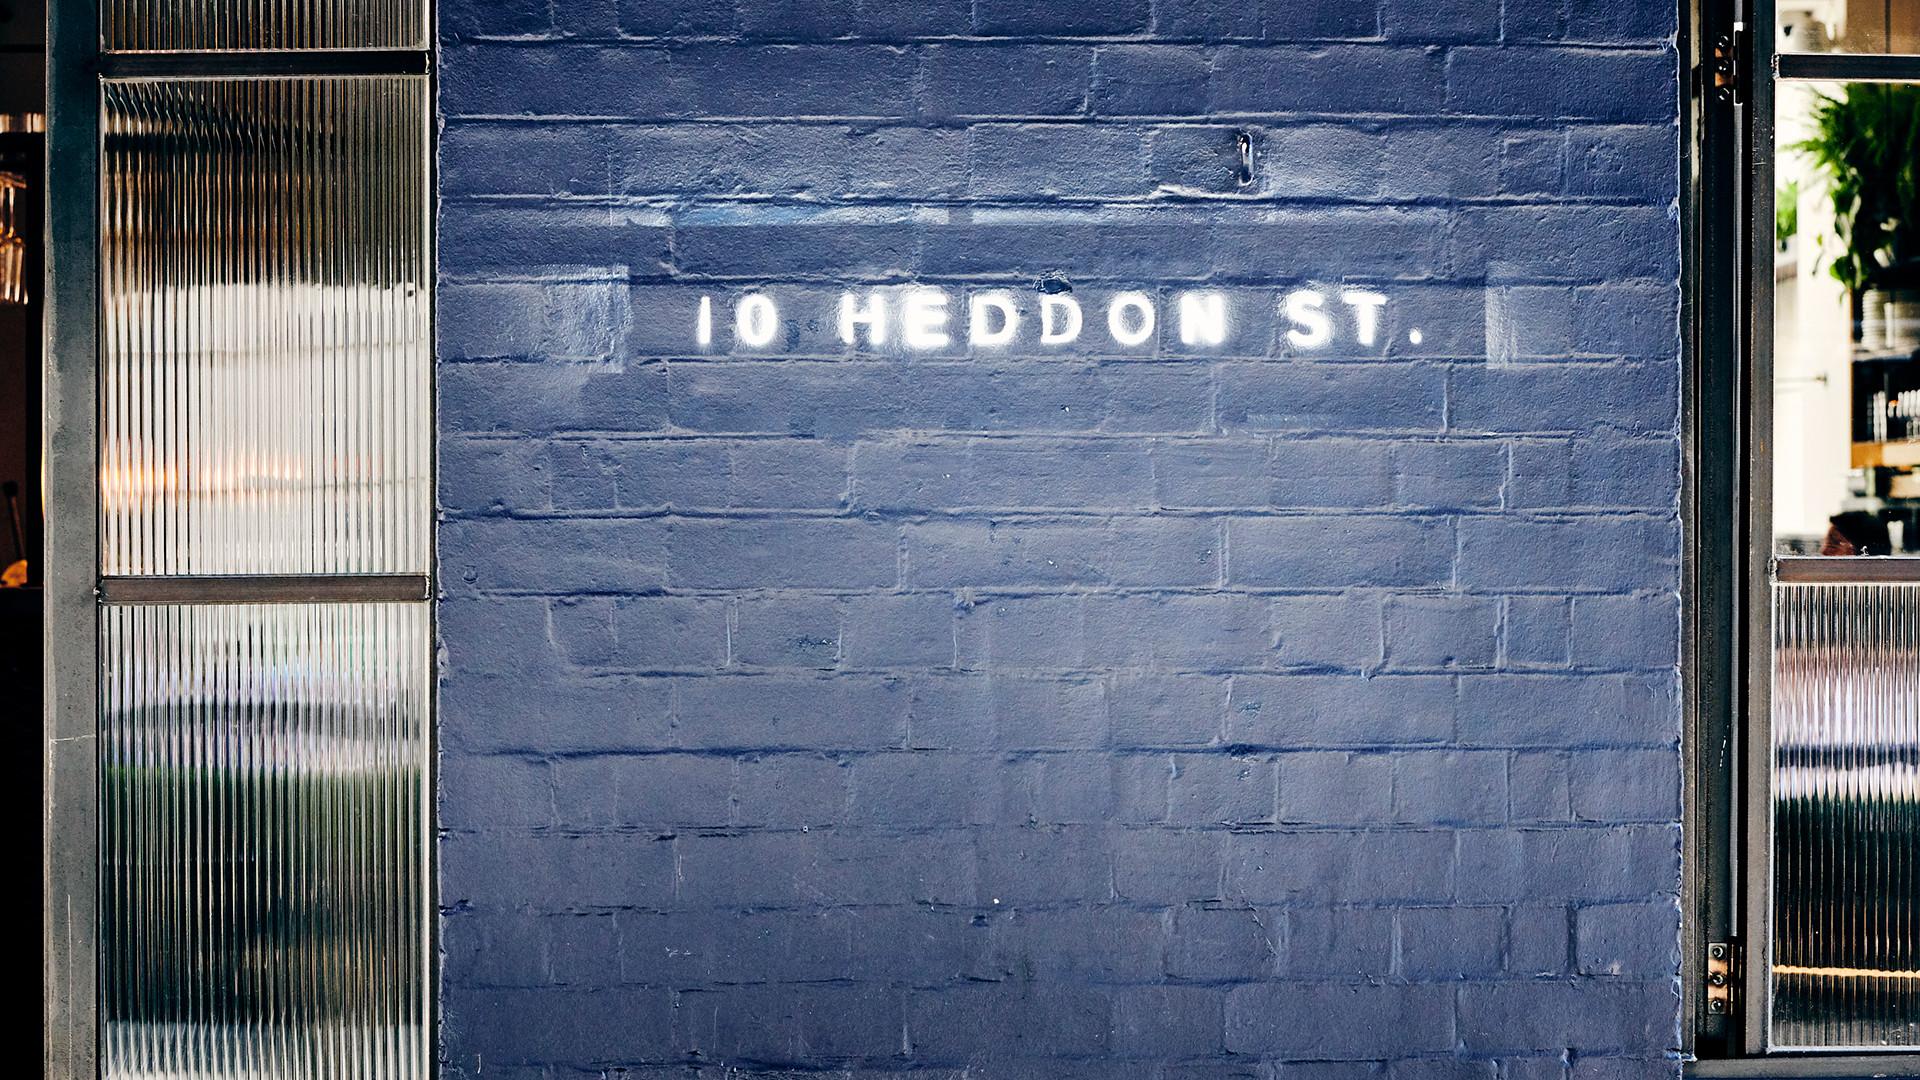 10 Heddon Street in Mayfair